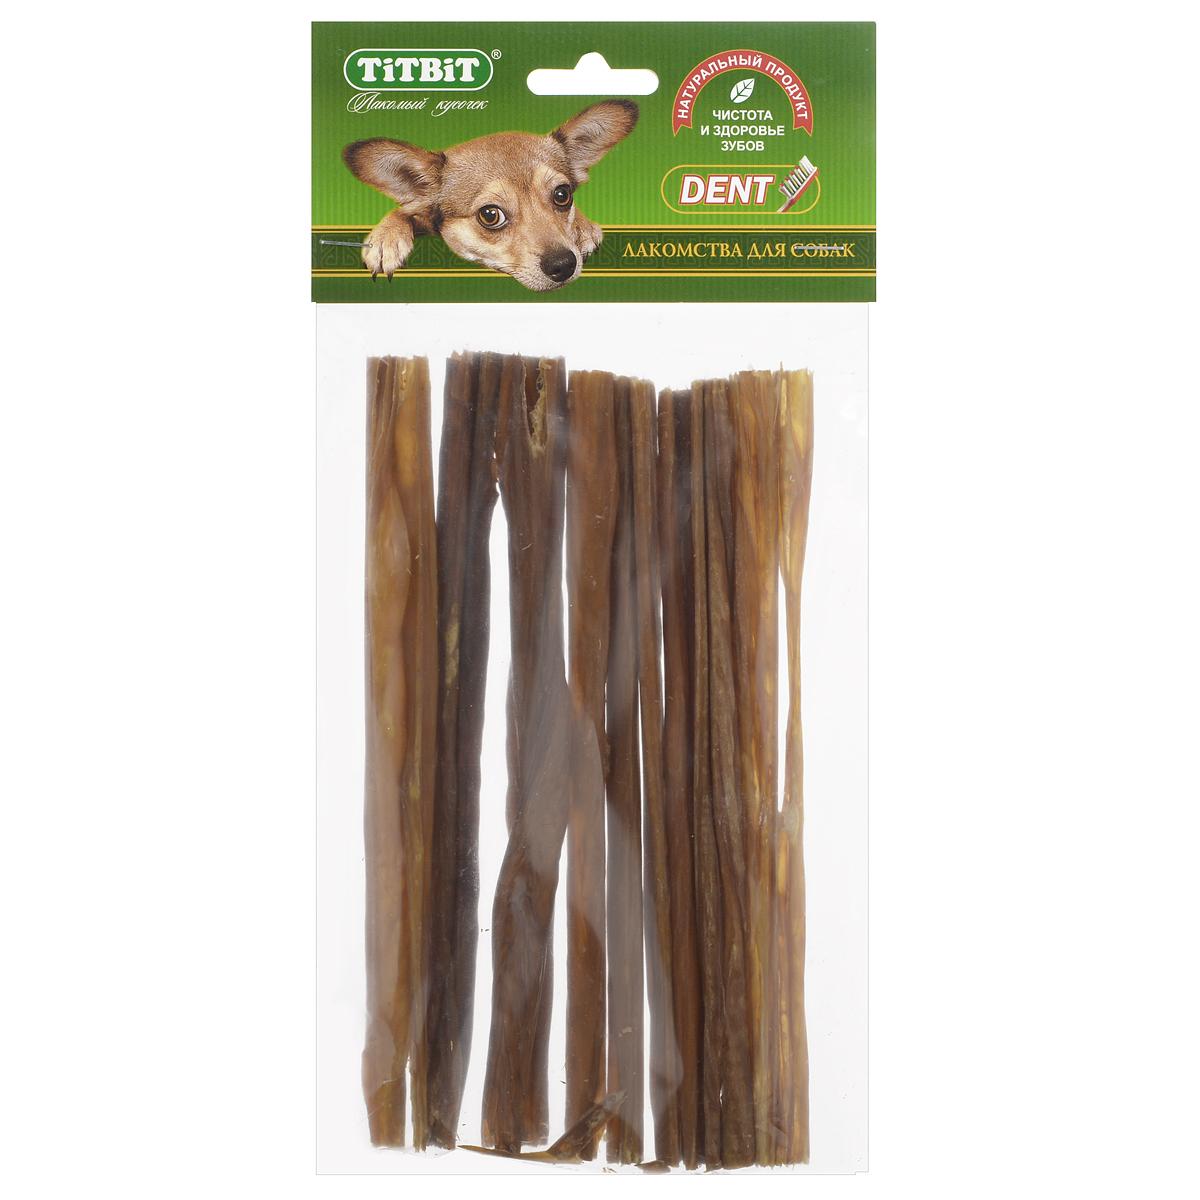 Лакомство для собак Titbit, кишки говяжьи, длина 19 см3987Лакомство для собак Titbit изготовлено из высушенных говяжьих кишков. Упаковка содержит 12-16 штук длиной 19 см. Легкоусвояемое лакомство, богатое витаминами и ферментами микрофлоры кишечника крупного рогатого скота. Имеют большую энергетическую ценность из-за повышенного содержания жира. Богаты протеинами, которые содержат все незаменимые аминокислоты и потому усваиваются на 90-95%. Содержат минеральные вещества в большем количестве, чем все остальные продукты (в том числе кальций, магний и фосфор), жирорастворимые витамины, а также водорастворимые витамины. Рекомендации к применению: очищает зубы у мелких пород собак, продукт полезен для стимуляции пищеварения. Рекомендовано для профилактики витаминного и ферментного дефицита у собак всех пород. Кишки - лакомства очень концентрированные, насыщенные ферментами и богатые жиром. Они не предназначены для частого применения (2, максимум 3 раза в неделю при хорошей переносимости, а также в зависимости от рациона собаки). По той же...